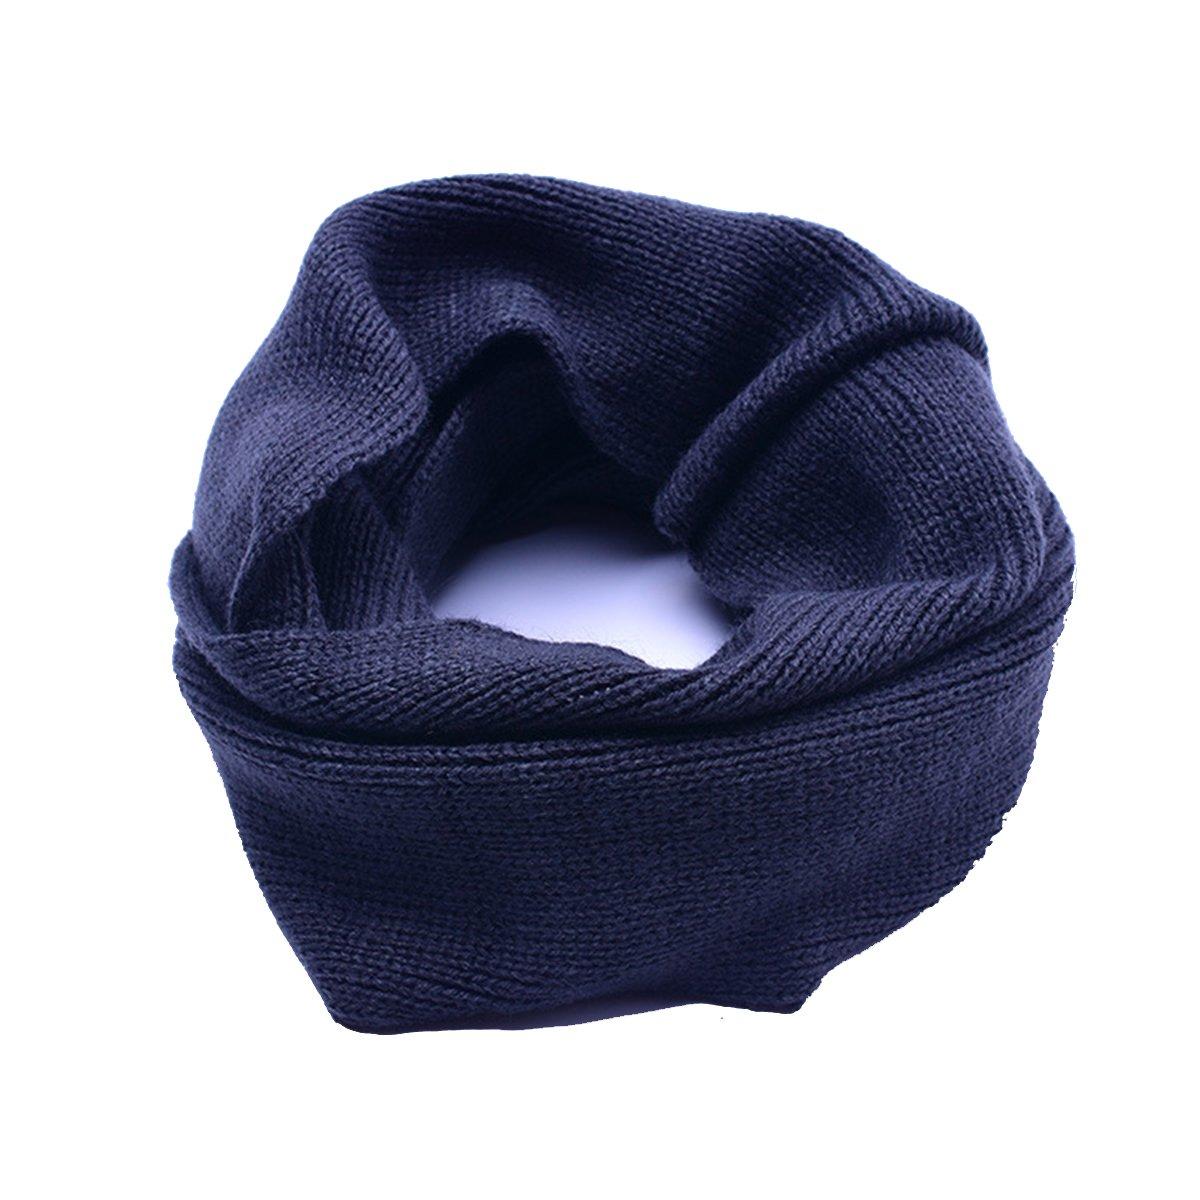 Butterme Inverno Snood Sciarpa tubo della sciarpa a maglia sciarpa Loop bambini ragazzi e ragazze morbido bambini sciarpa calda sciarpa Loopschal ZUMUii ZUMU00006142